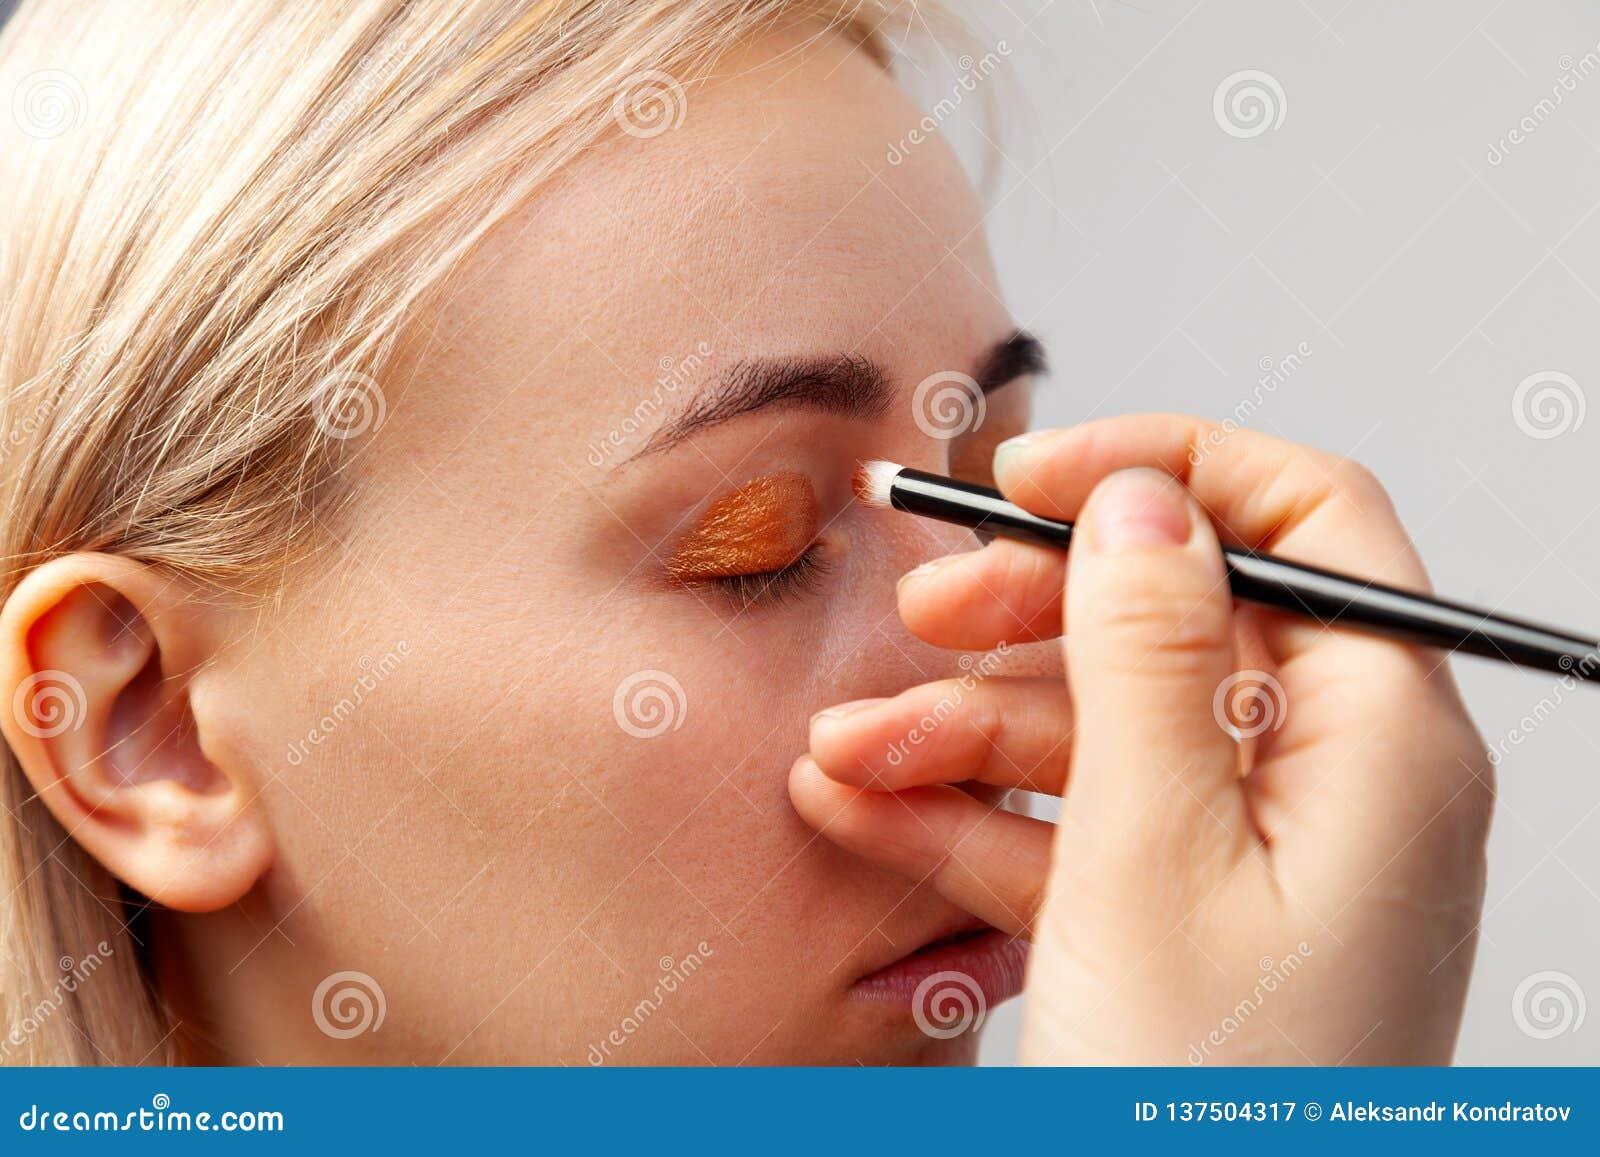 De make-upkunstenaar met een borstel in zijn hand zette op dichte gouden schaduwen op de oogleden